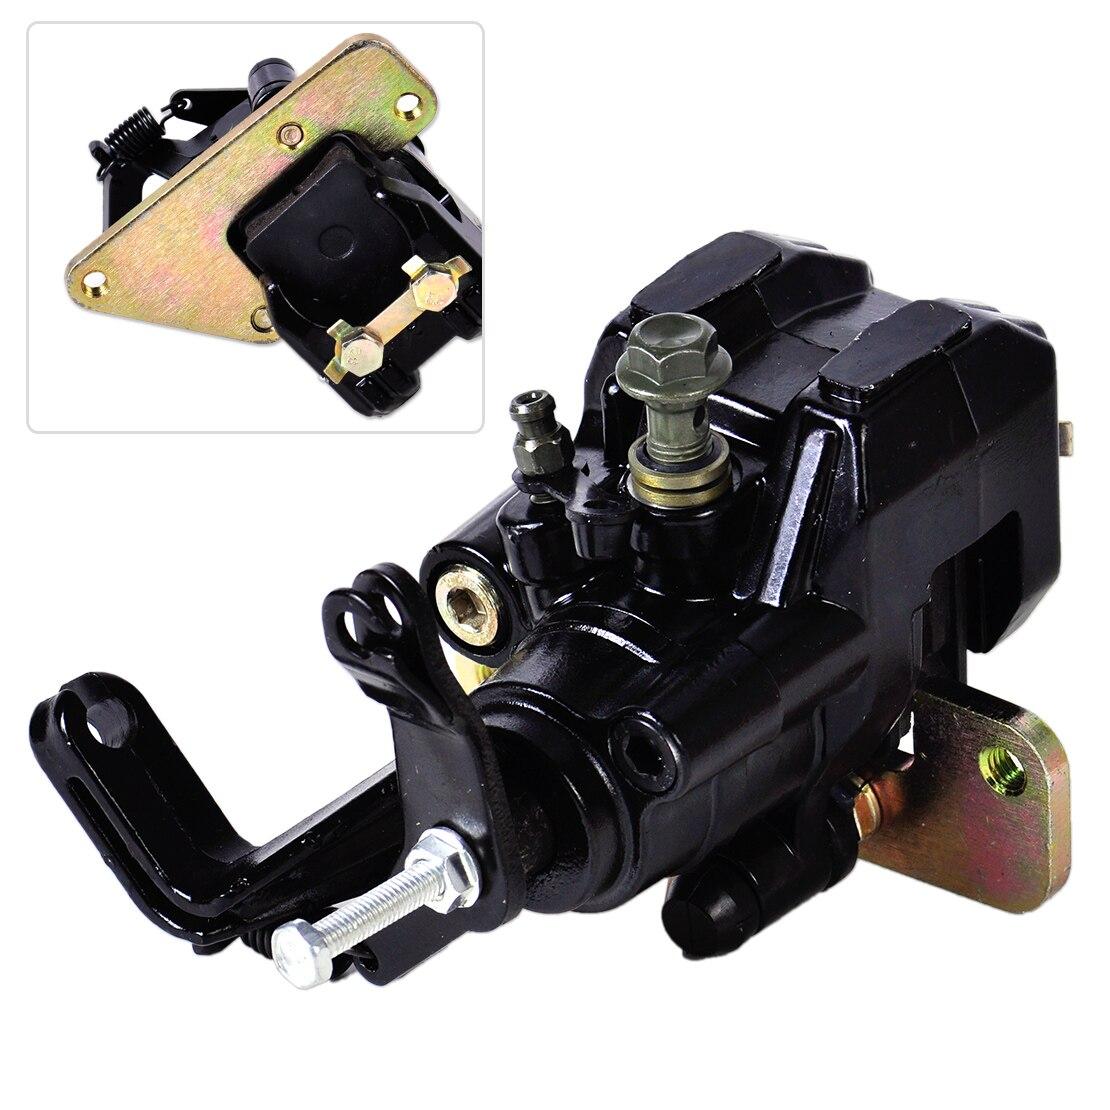 белер Новый 1шт металлический задний тормоз, суппорт тормоза, пригодный для Suzuki Quad спортивной Z400 Quadsport 2003 2004 2005-2009 ЛТ-Z400 2012 2013 2014